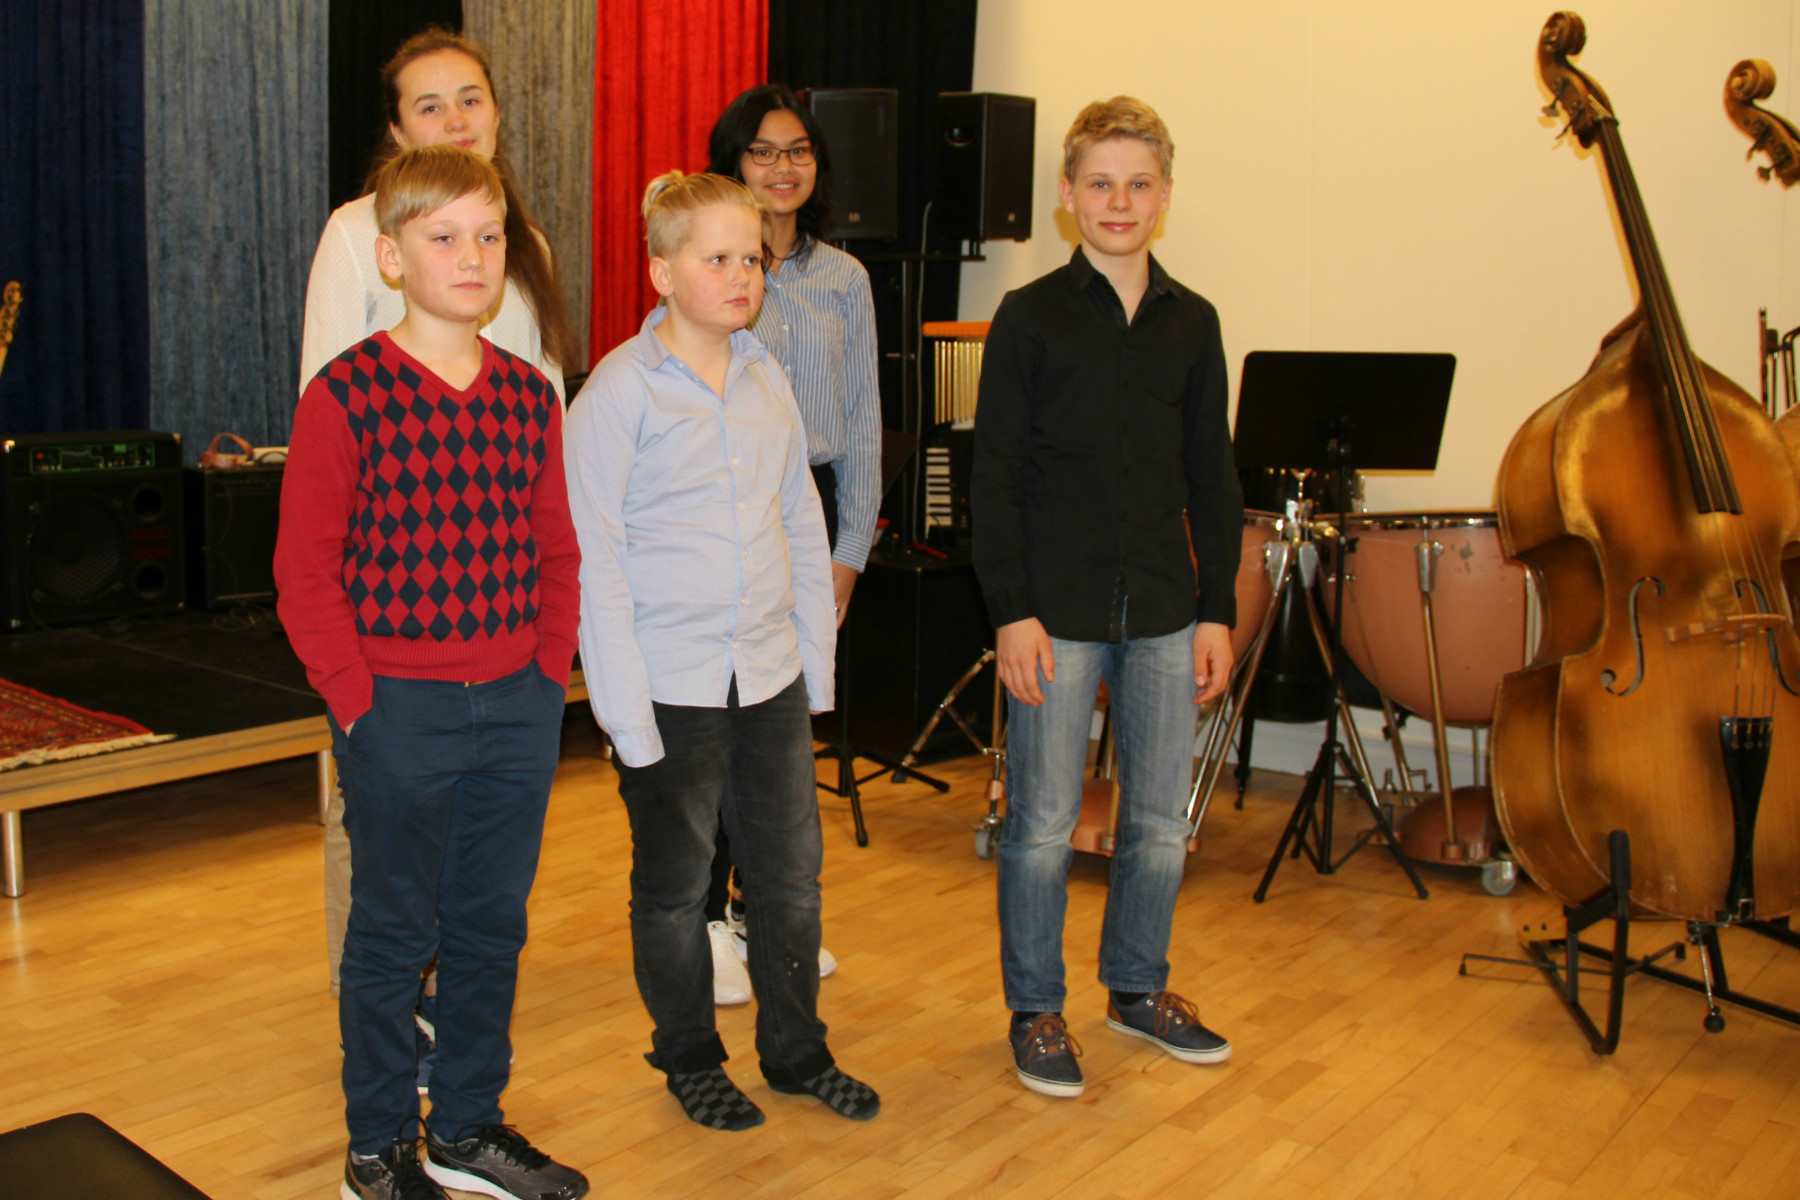 2017-03-21. Musikskolans minikonsert. Fr.v. Måns Vennberg, Rim Roos, Nils Särström-Olsson, Punnada Tanataninkul, Bruno Dettman.